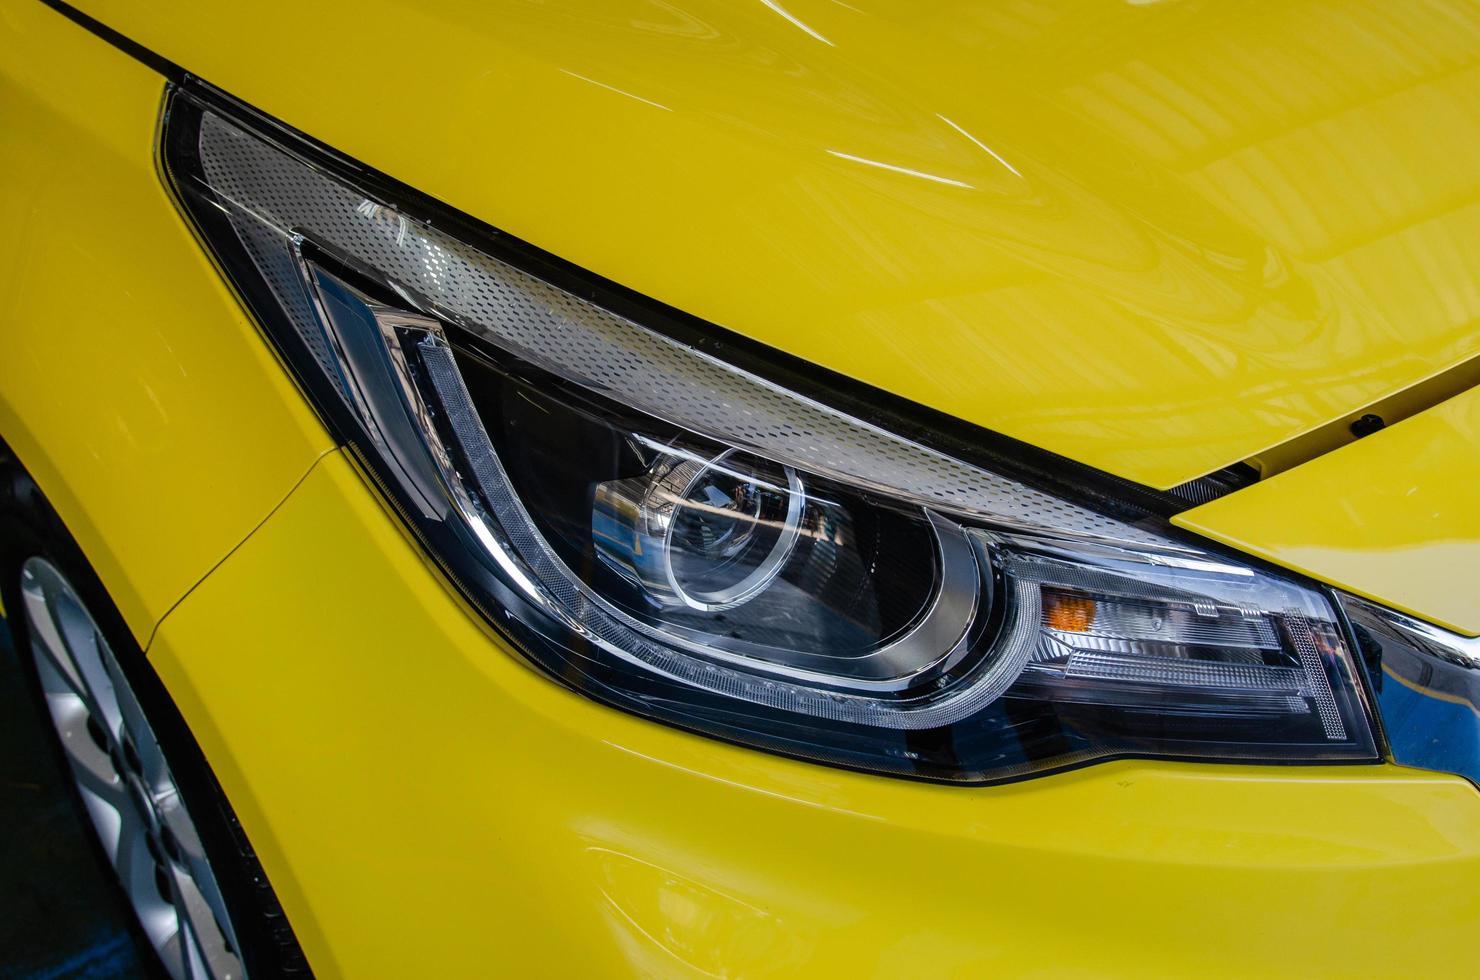 faros de coche amarillo foto